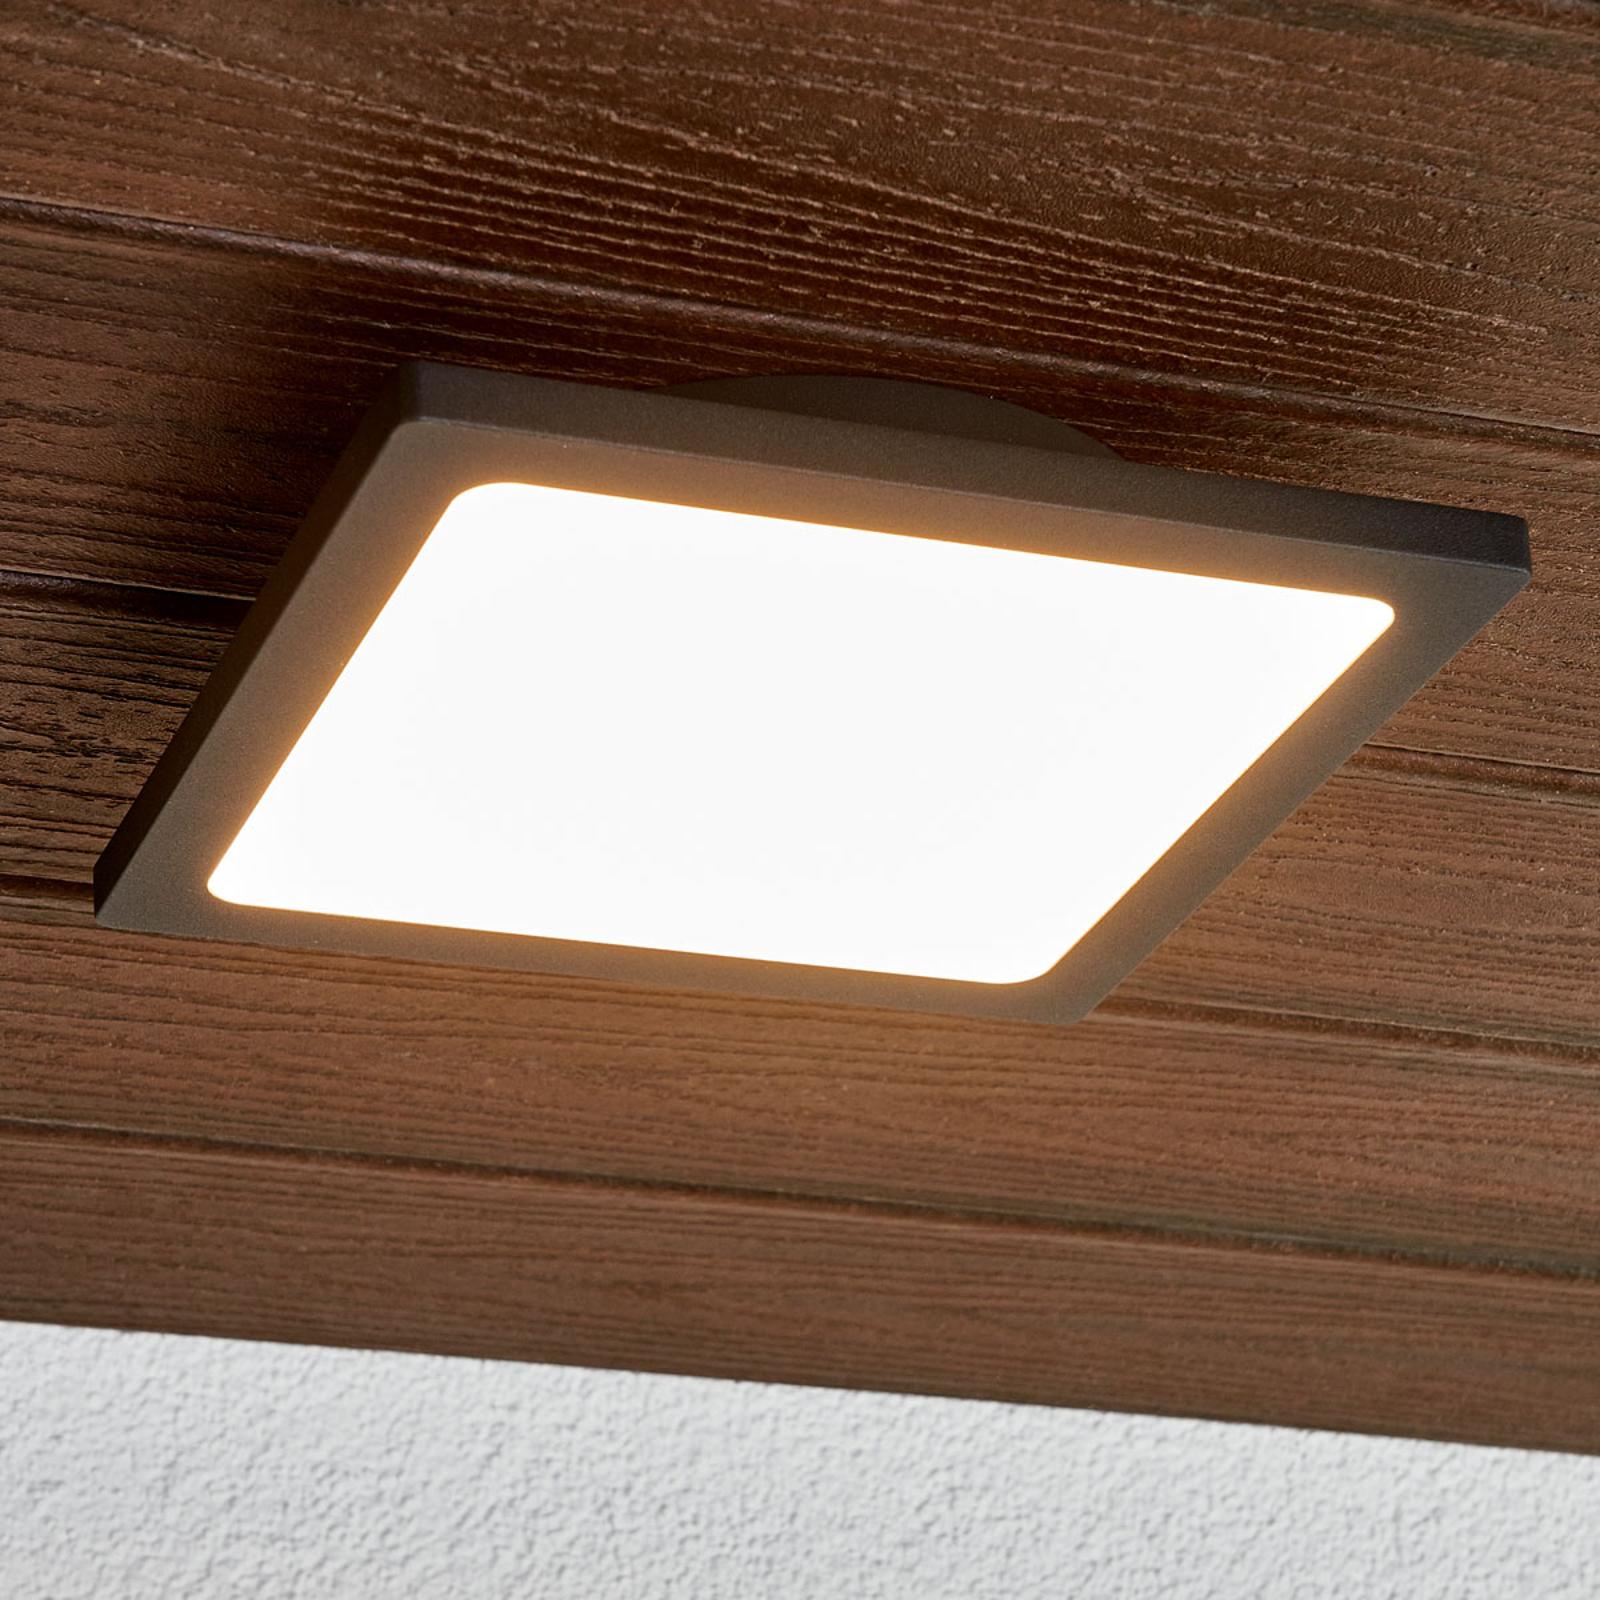 LED-loftslampe Mabella til udendørs i mørkegrå